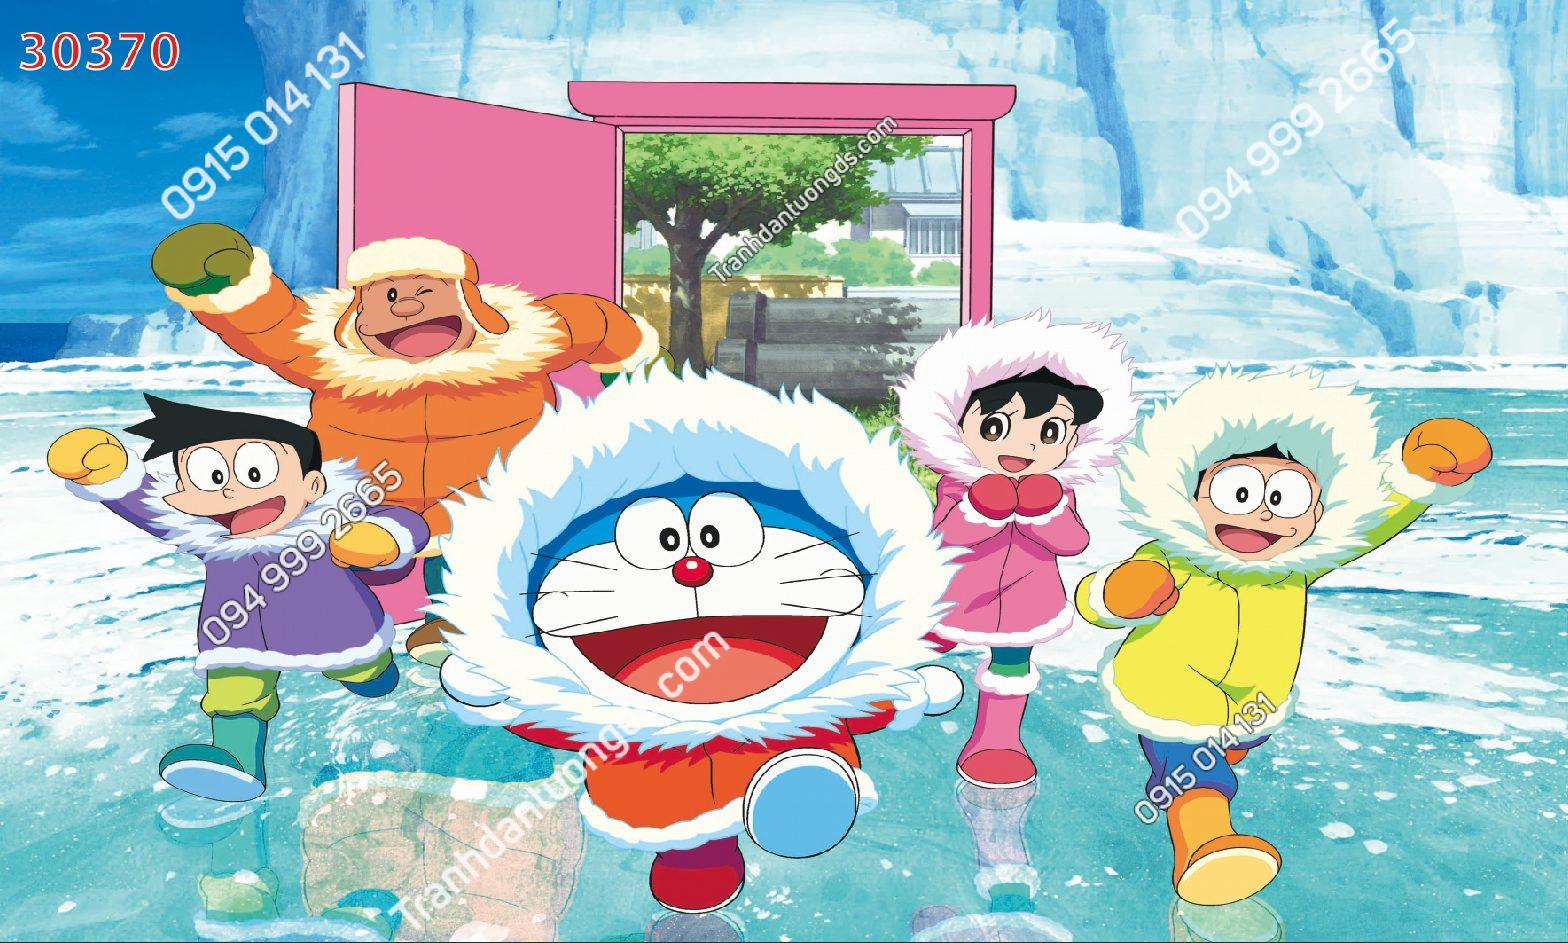 Tranh dán tường Doraemon và những người bạn 30370